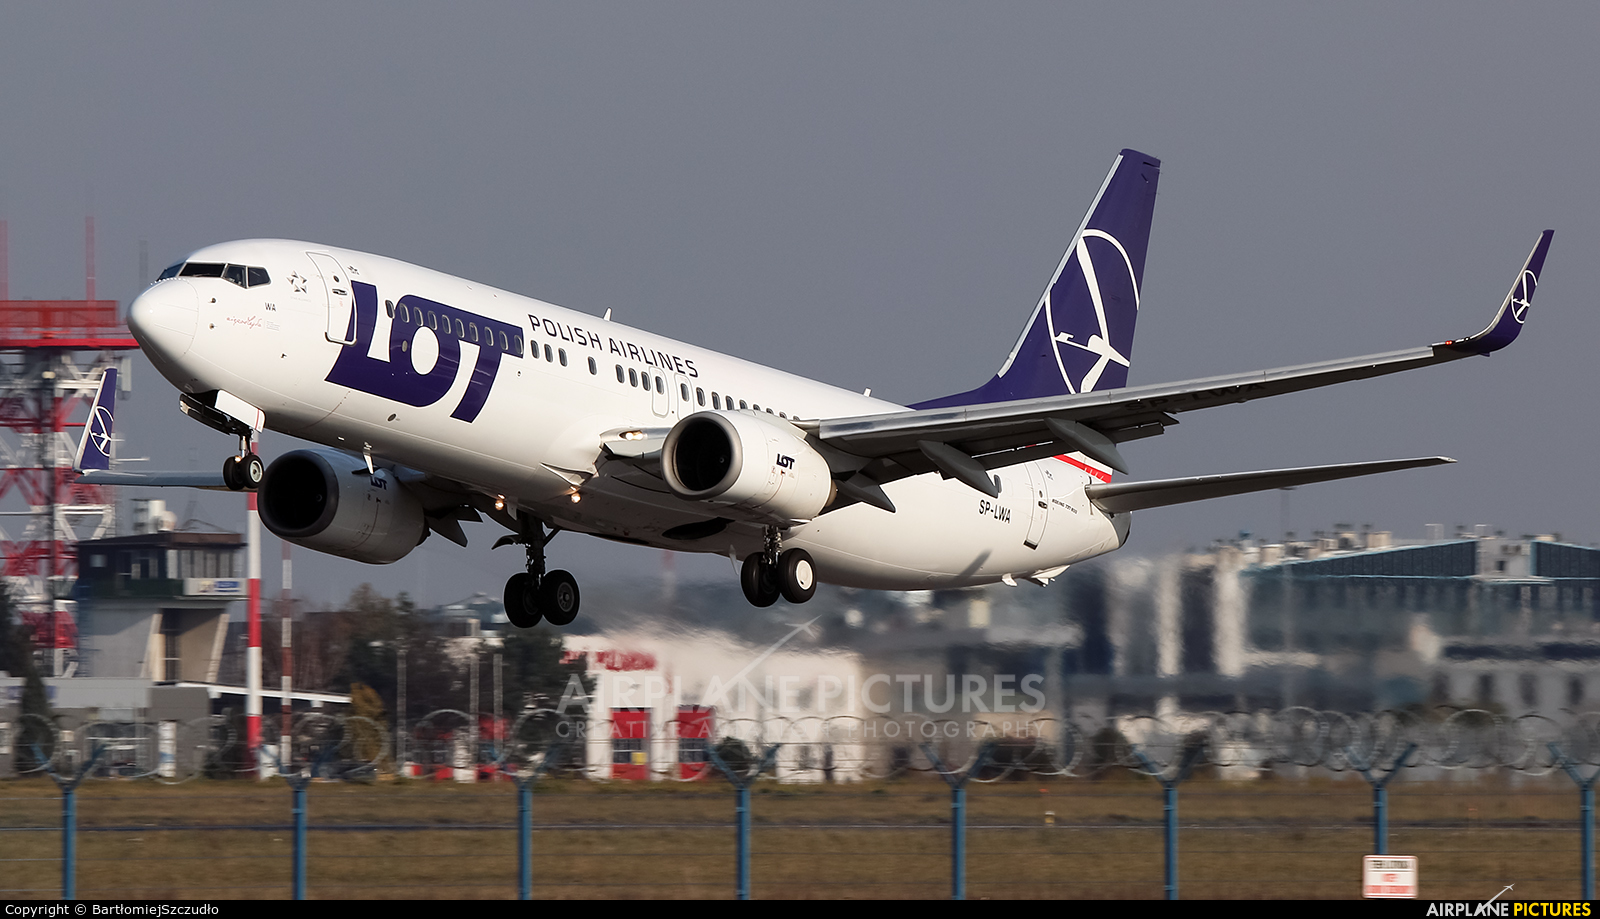 LOT - Polish Airlines SP-LWA aircraft at Rzeszów-Jasionka